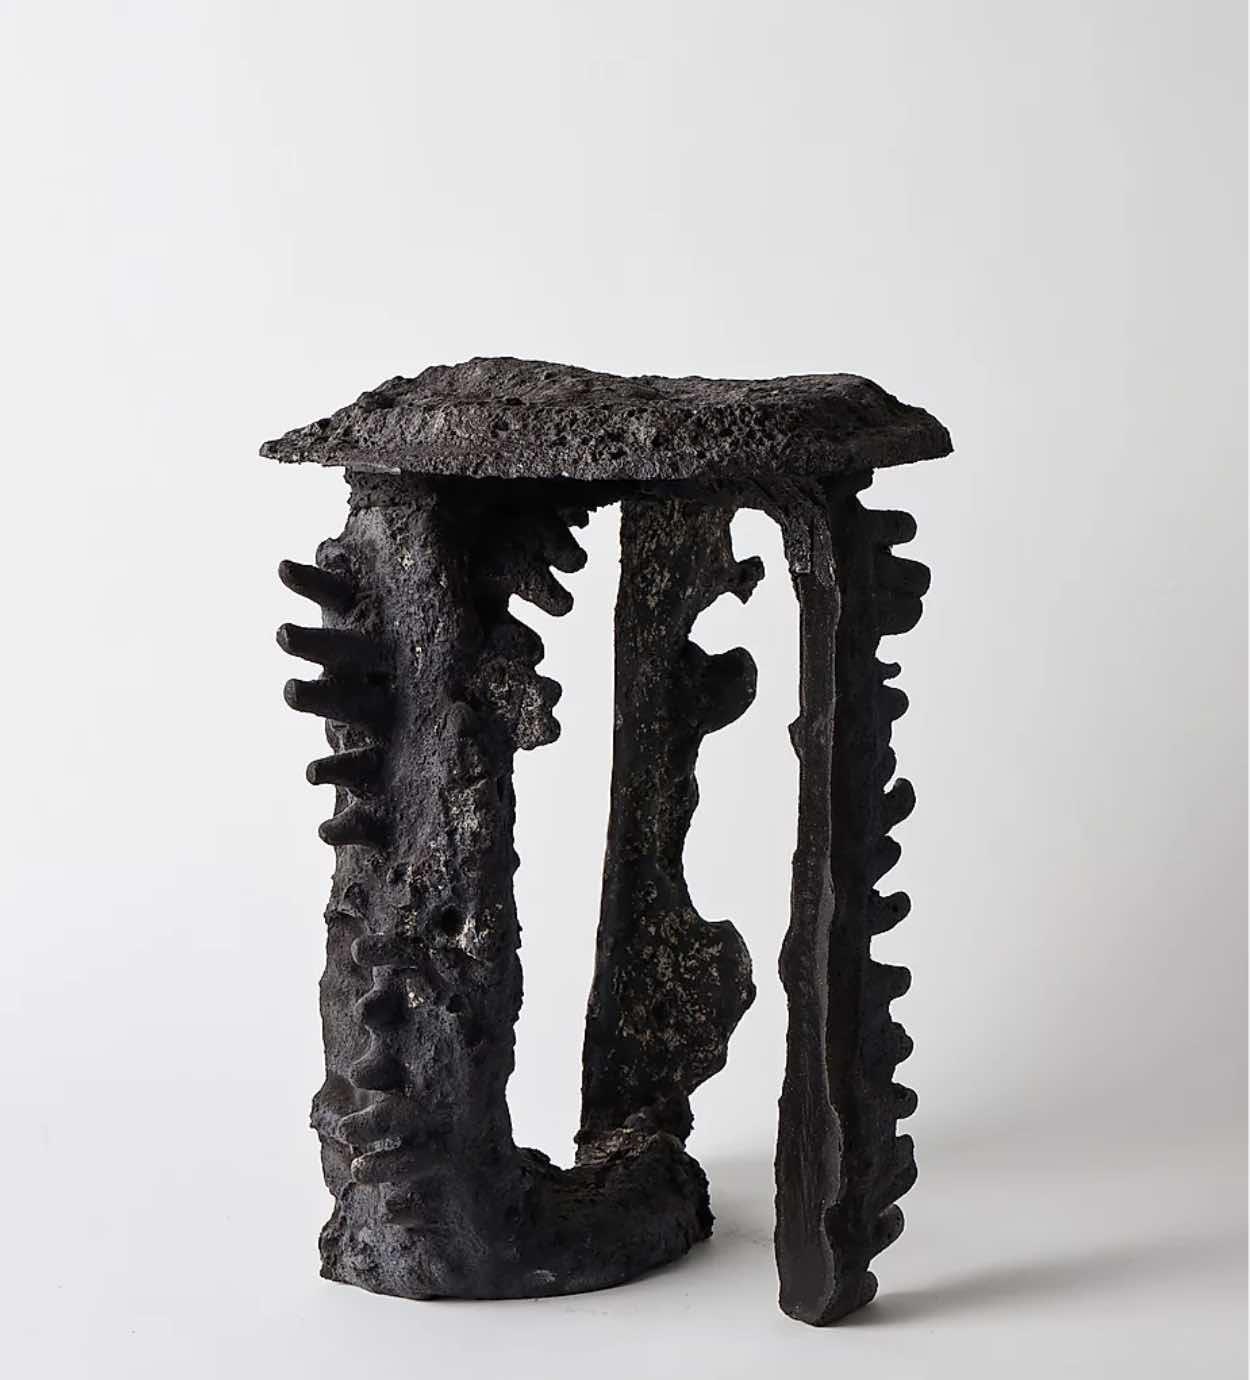 FICTIVE EROSION stool by Kajsa Melchior